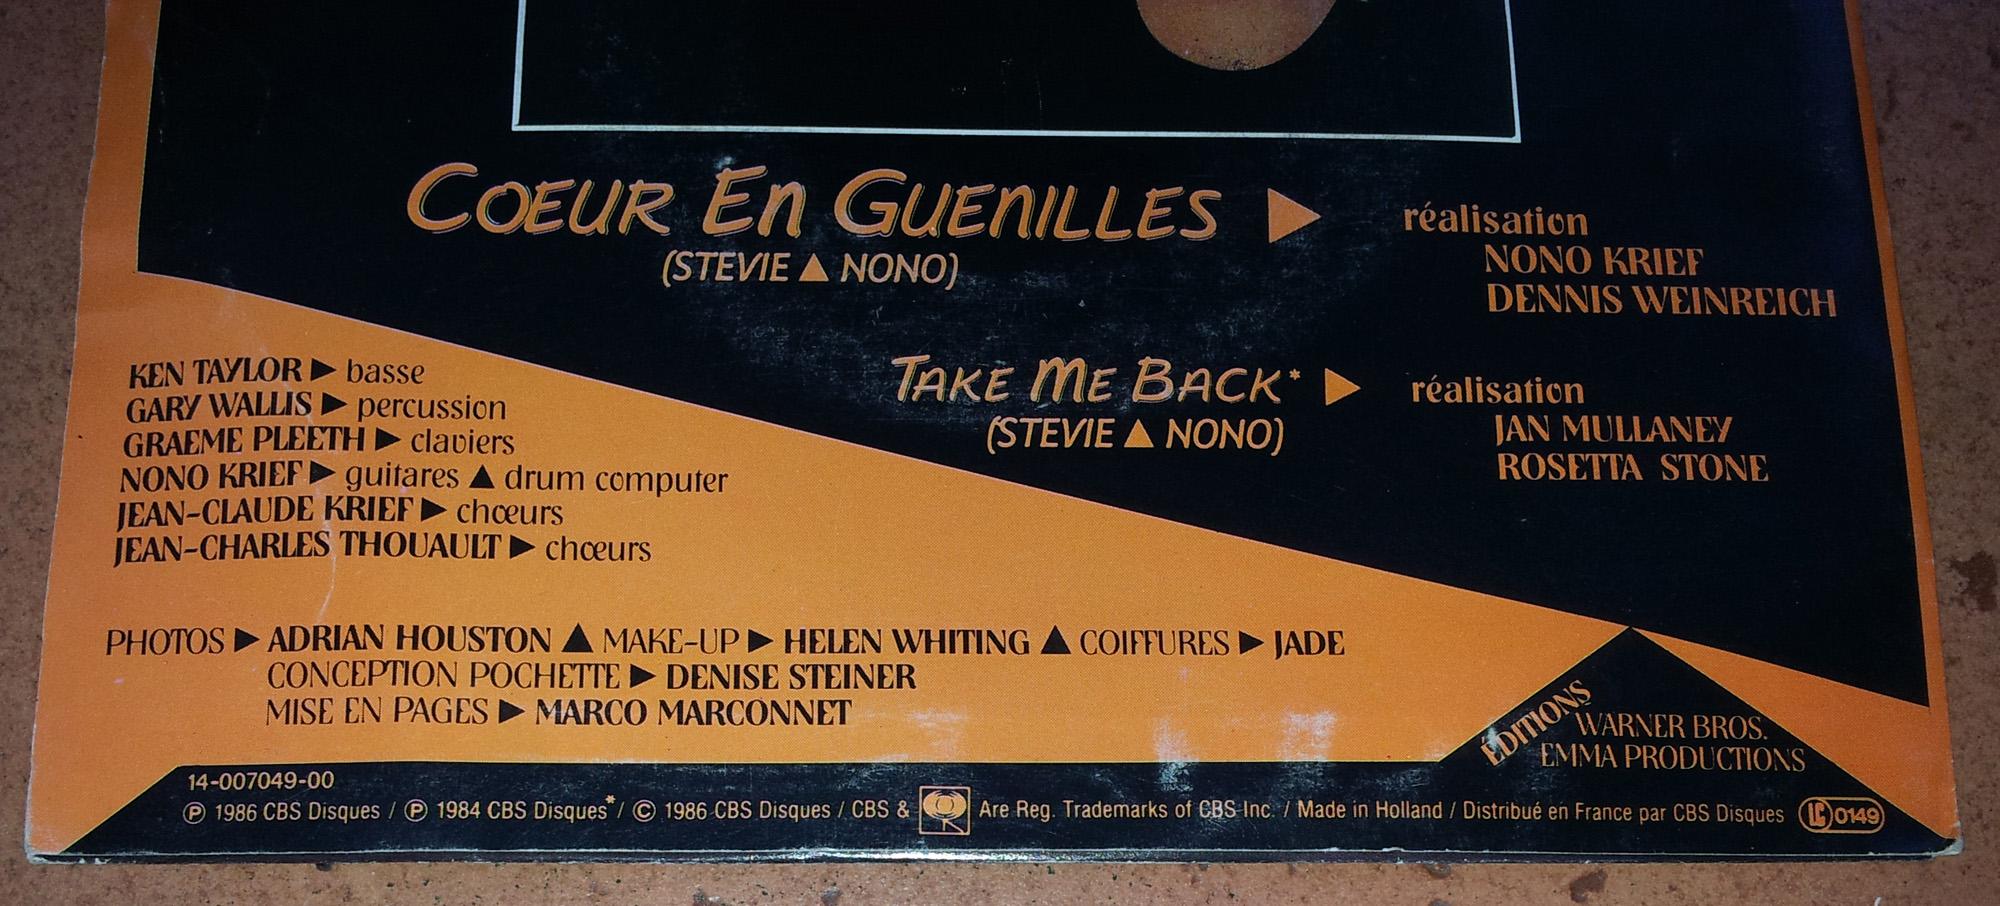 STEVIE Coeur en guenilles (1986) 45 tours - le vinyle vu de plus près ...  Stevie10